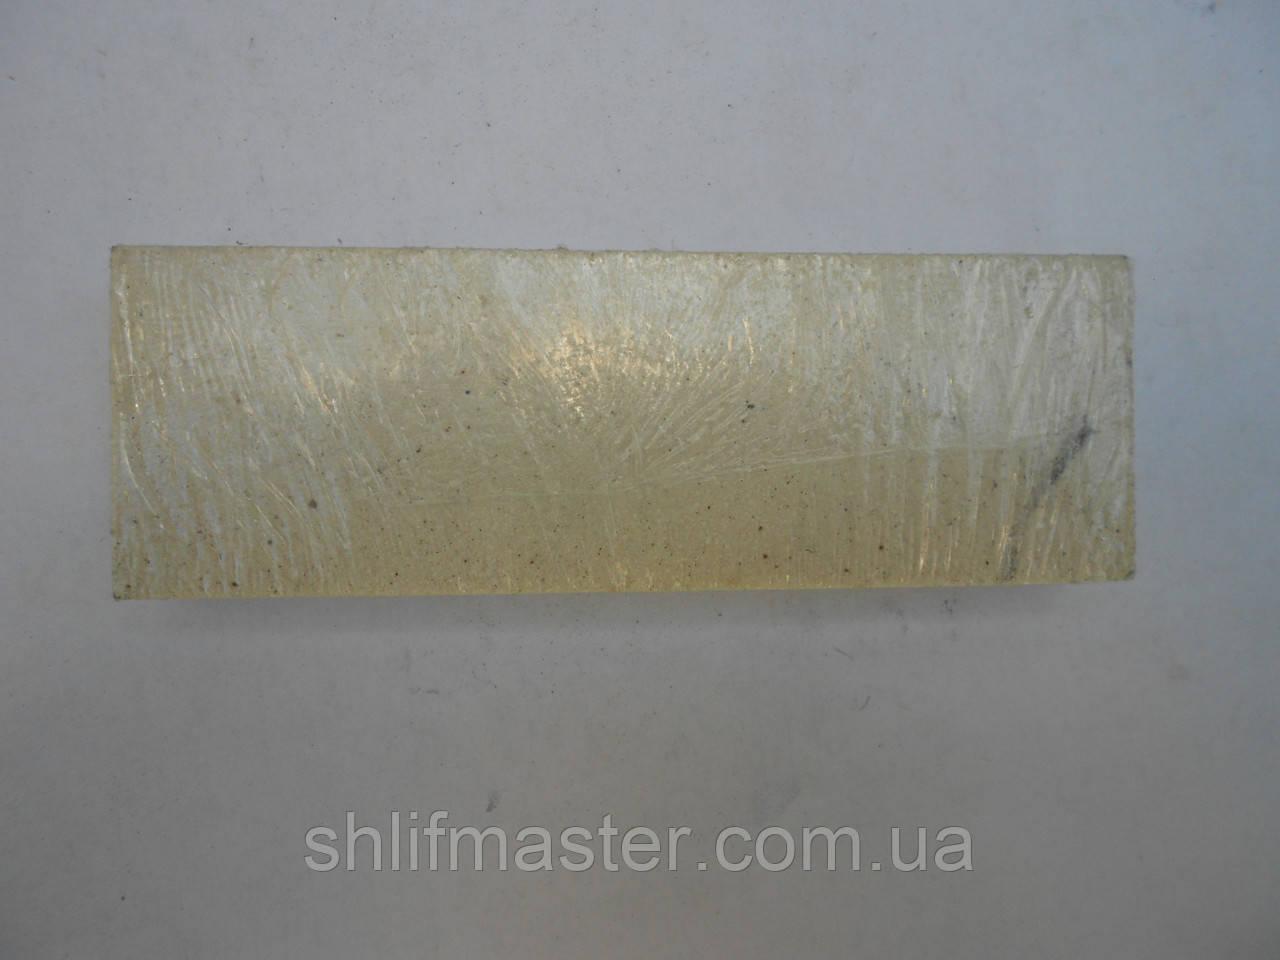 Брусок заточной абразивный 25А (электрокорунд белый) БП 100х35х16 16 СТ